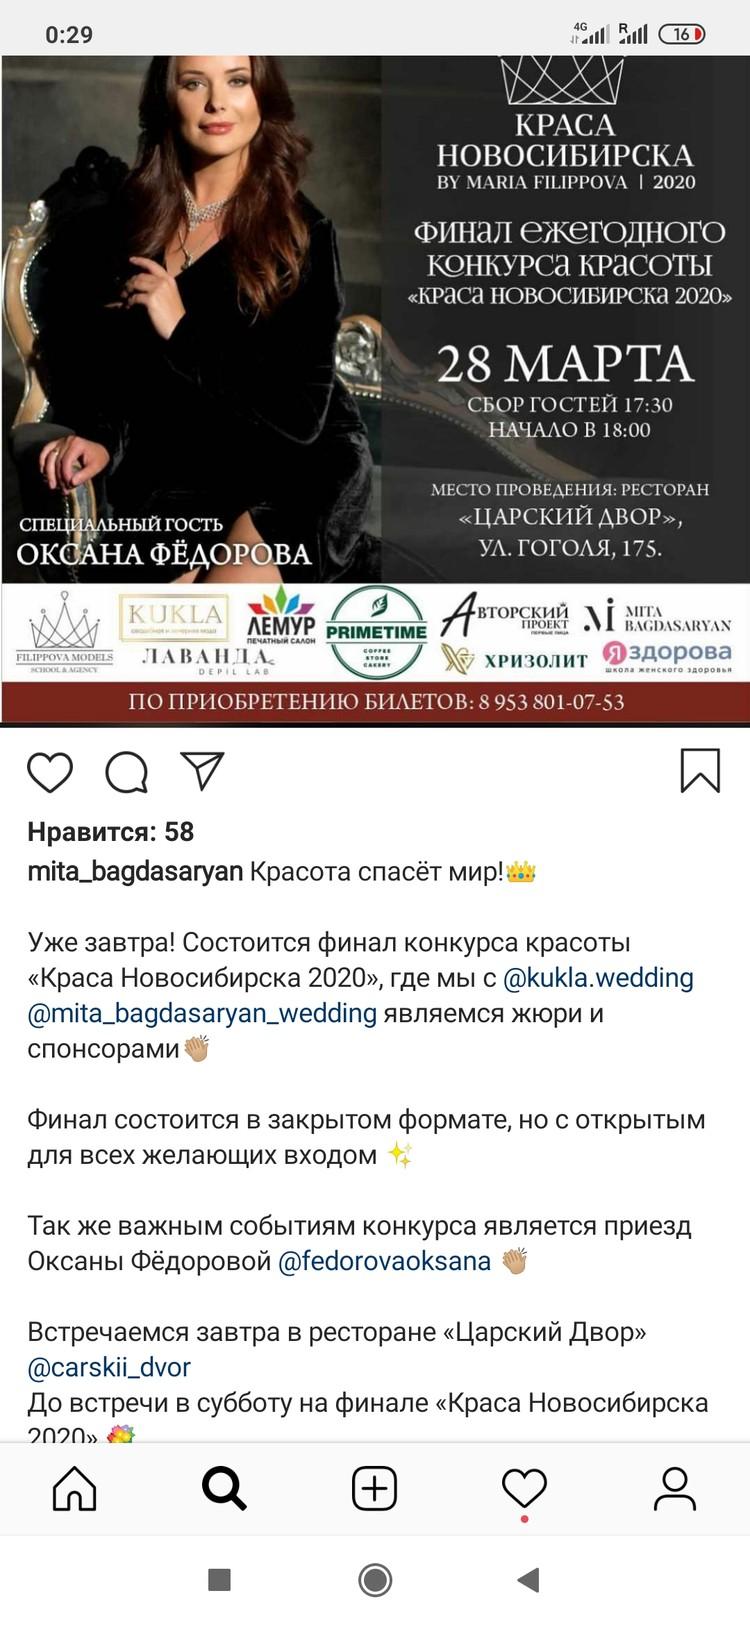 Финал «в закрытом формате, но с открытым для всех желающих входом» - так анонсировали акцию организаторы. Фото: www.instagram.com/krasanovosibirska